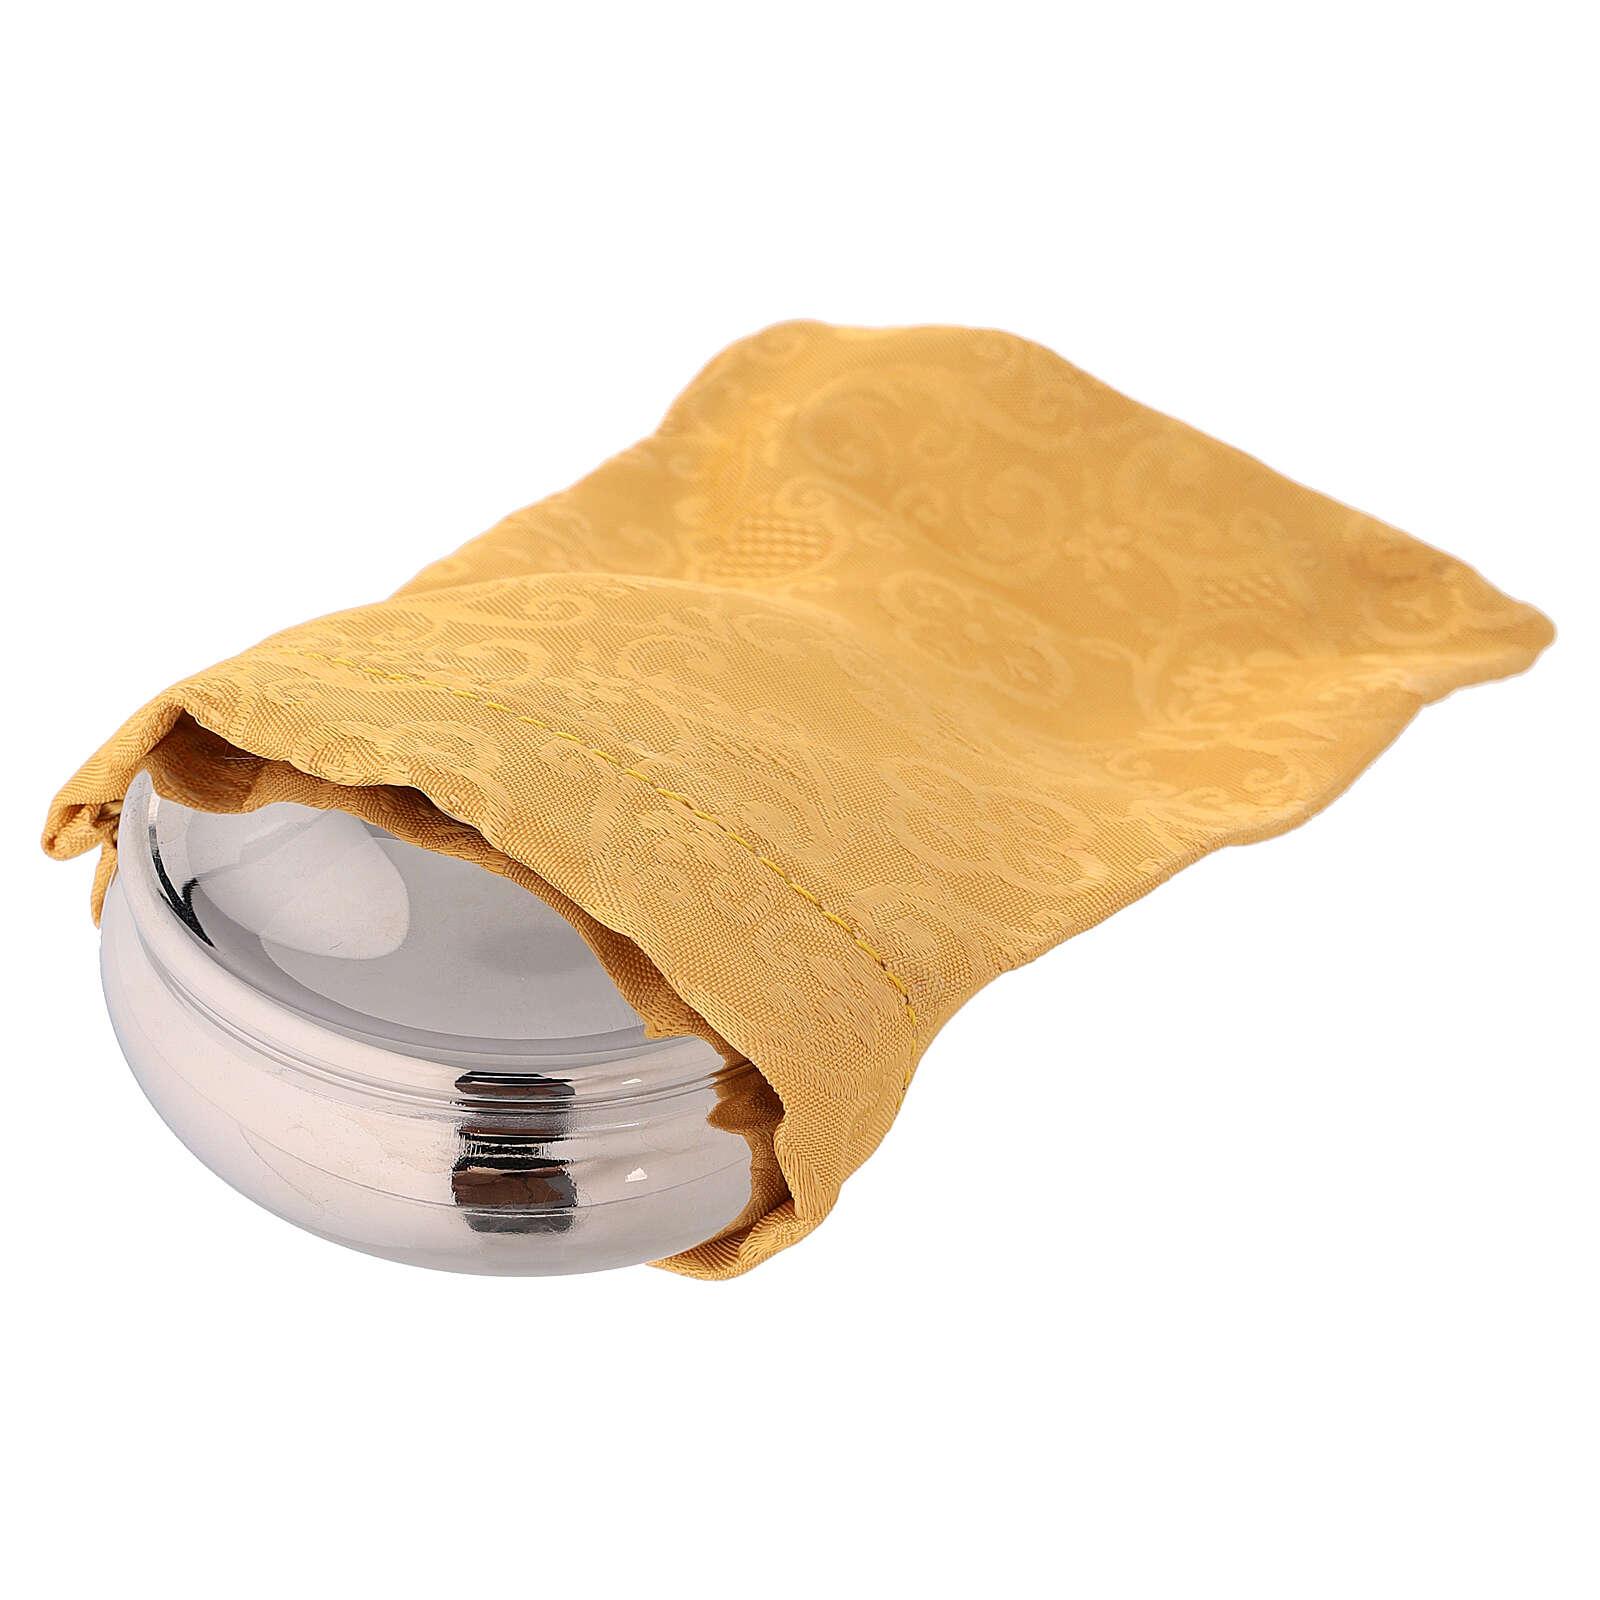 Relicario plateado con paloma esmaltada y saco amarillo 3